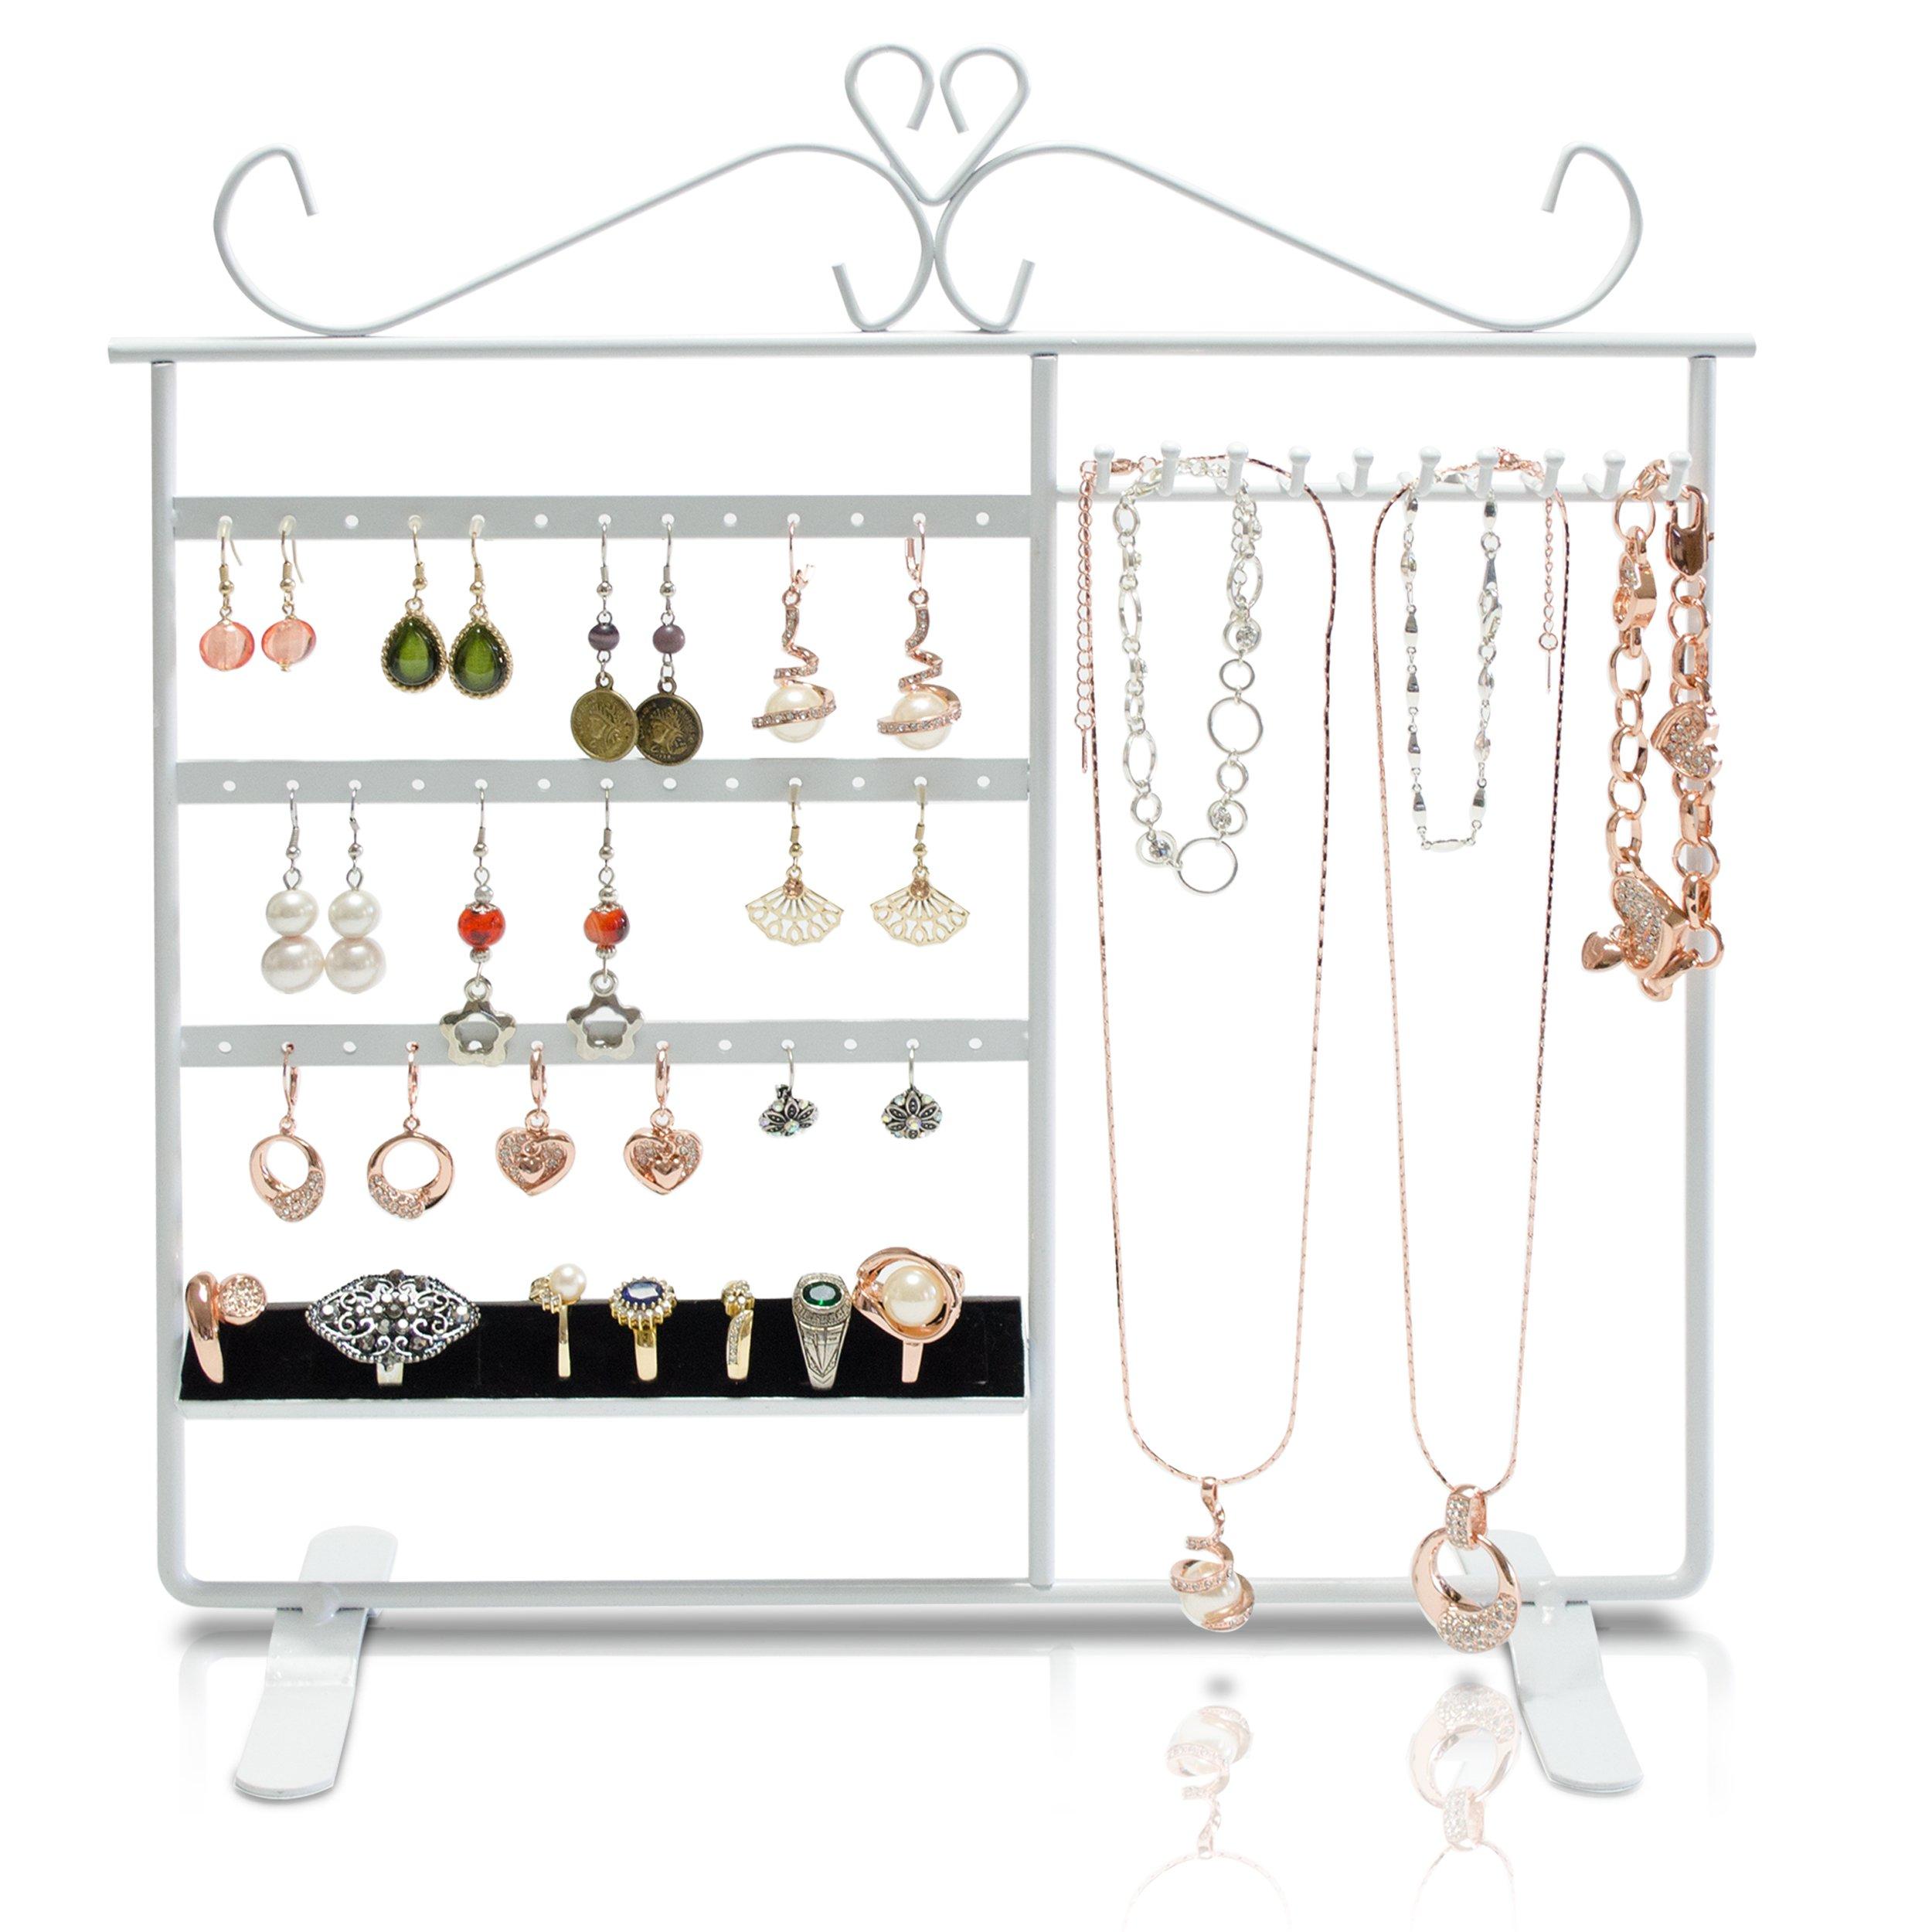 Schmuckständer mit 4 Etagen - Weiß 33 x 31 x 10 cm - Ohrring Schmuckhalter Aufbewahrung und Präsentation - Grinscard